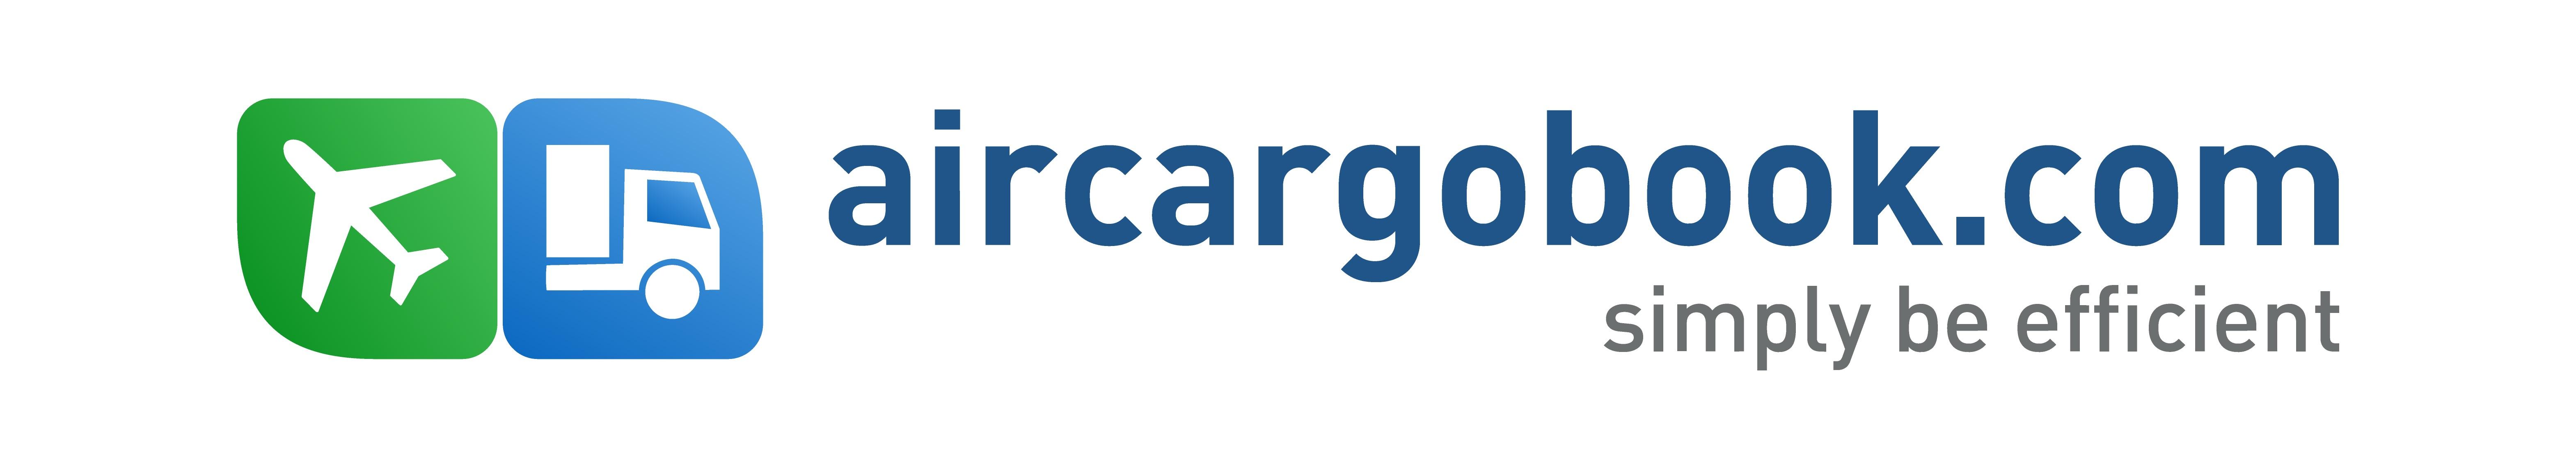 logo aircargobook GmbH